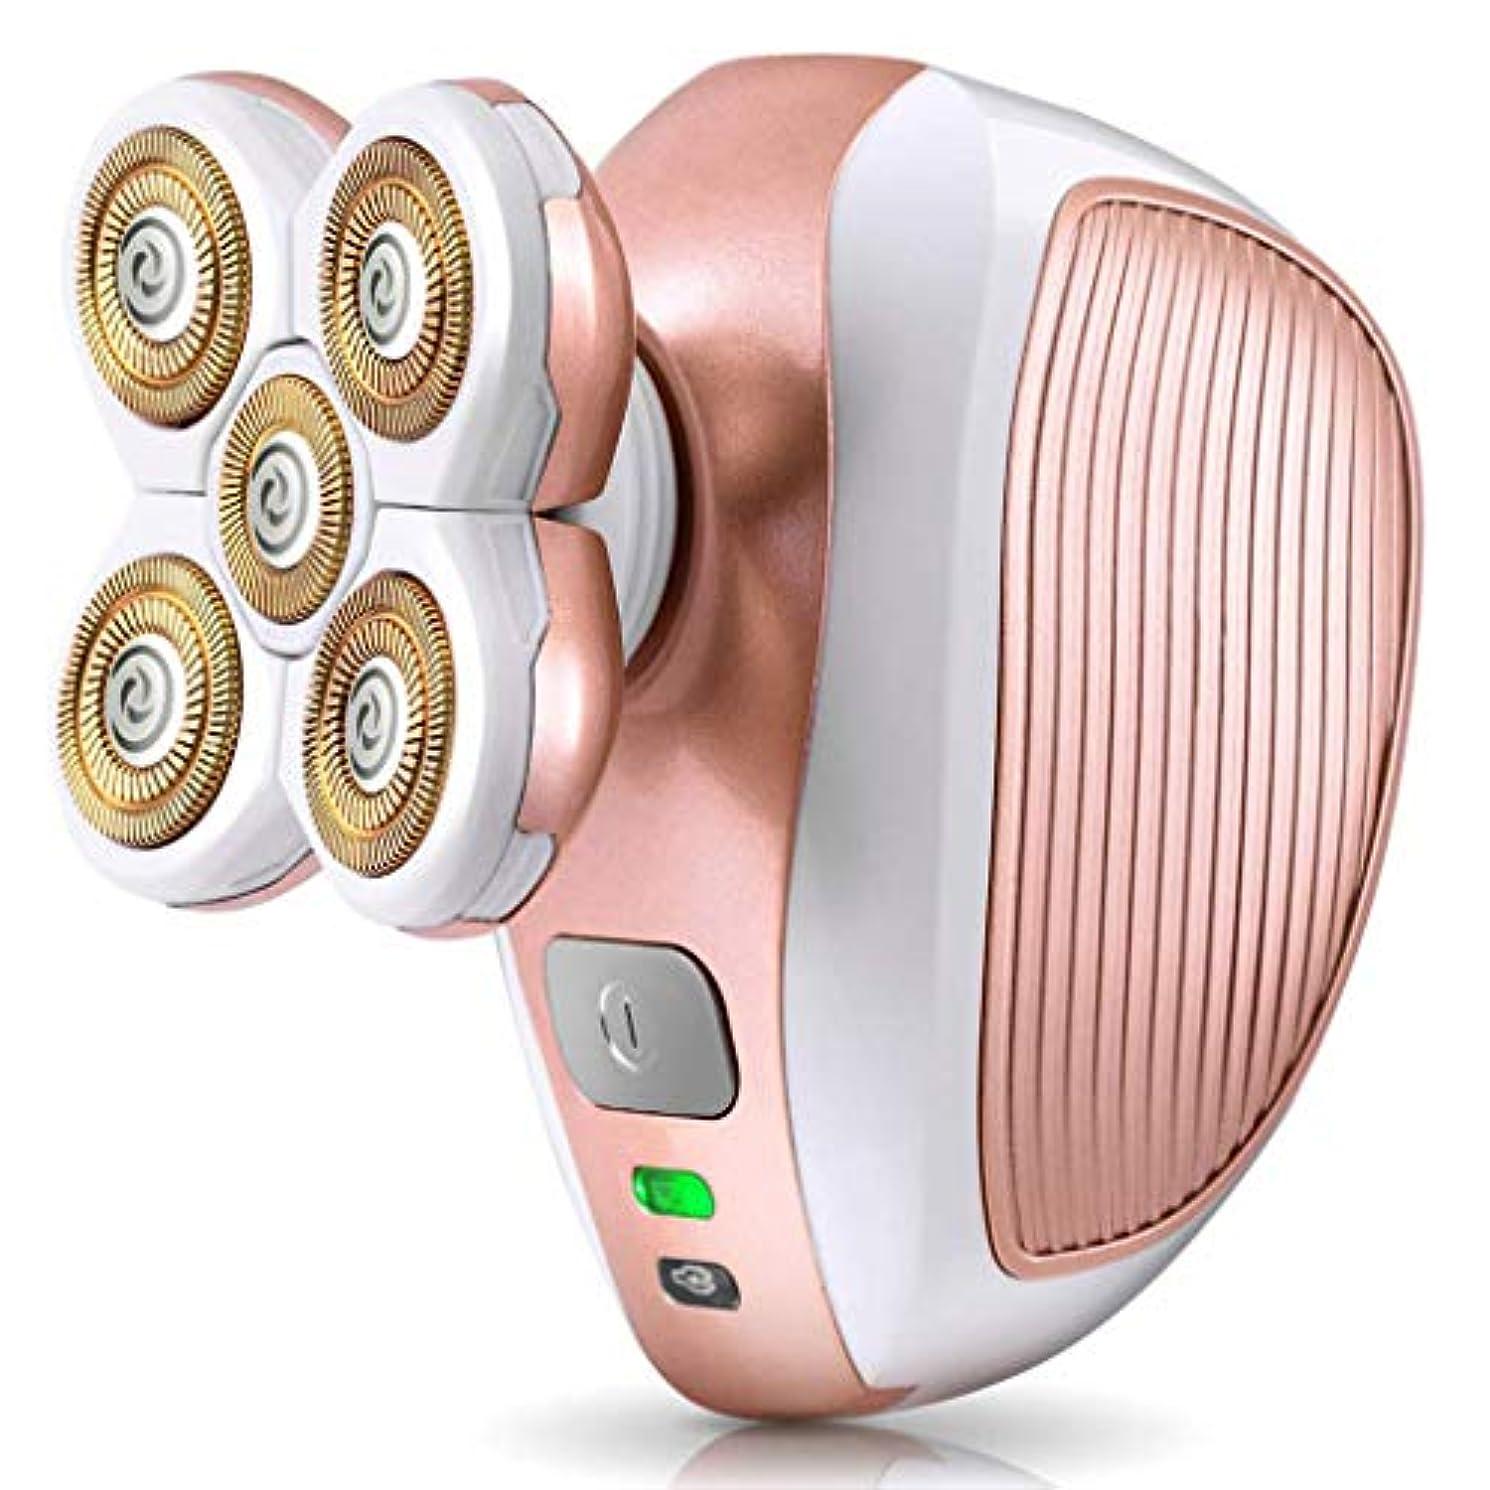 寄付するメタルライン関与する女性と男性のための痛みのないボディヘアリムーバー - USB充電式防水インスタントヘアリムーバー - 脚の顔の唇ボディ脇の下脇…